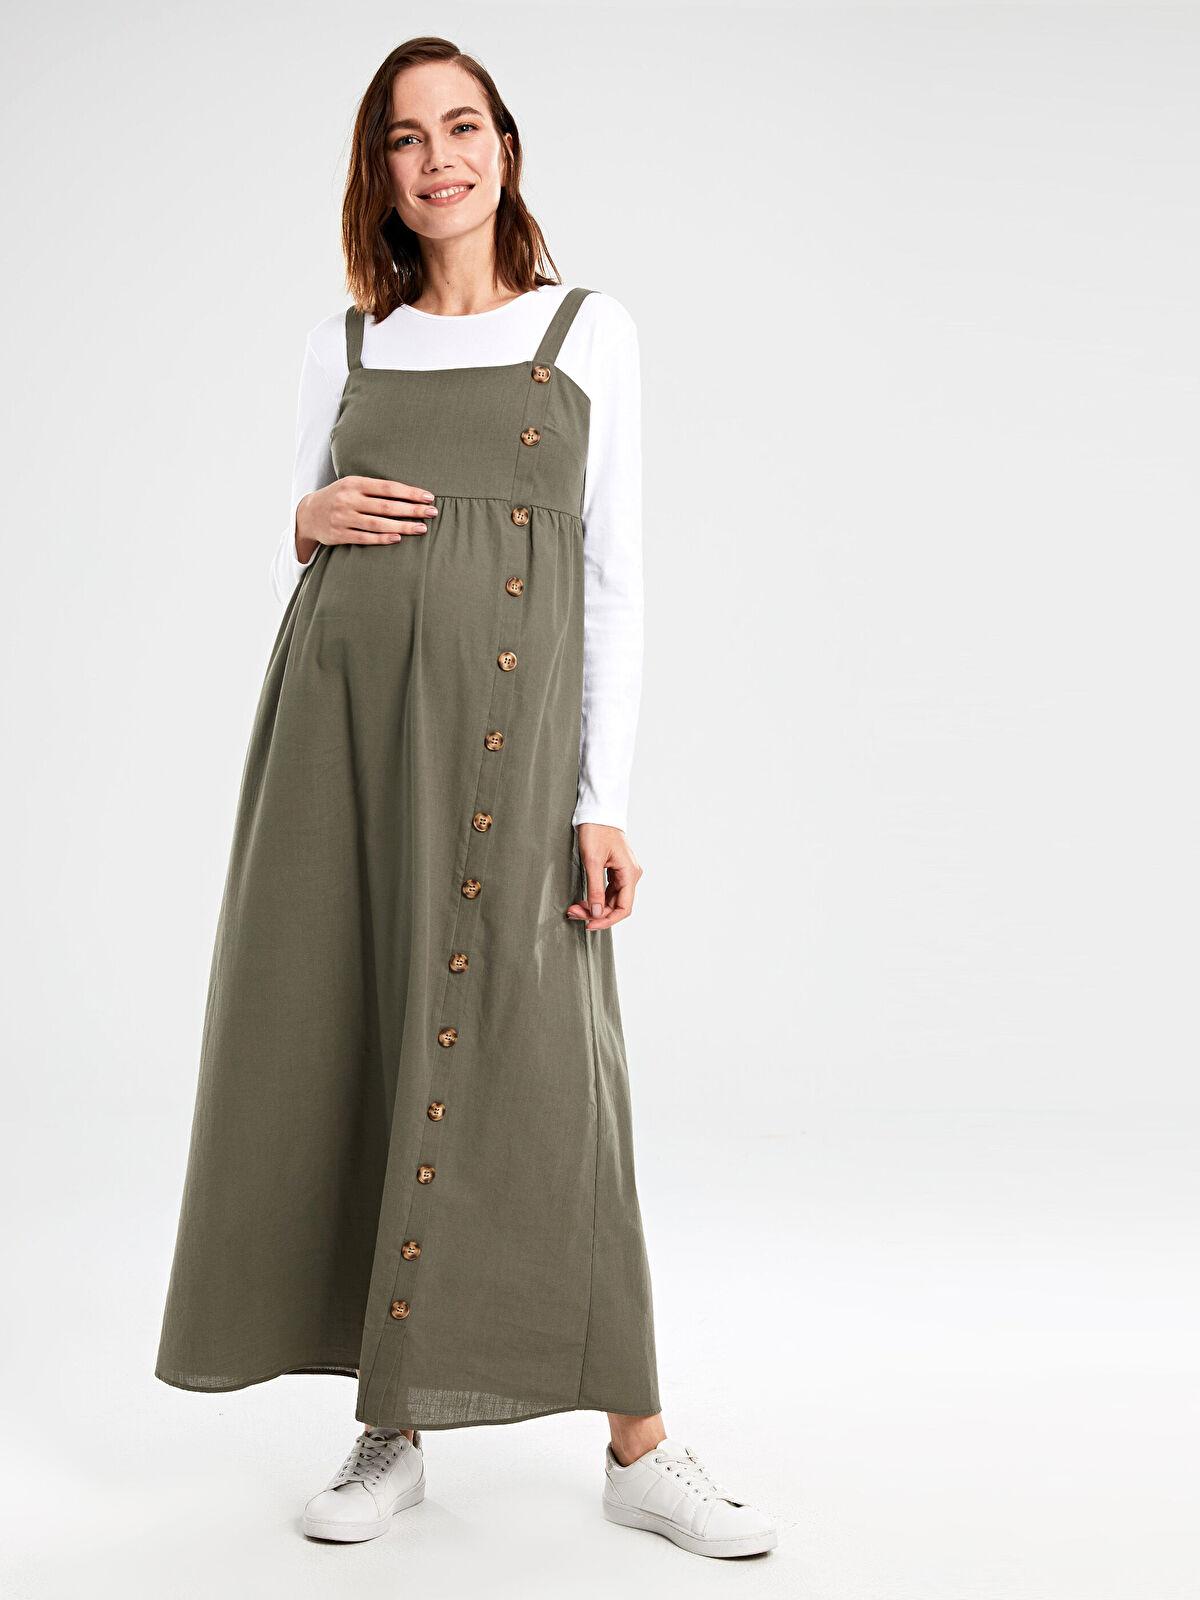 Hamile Düğmeli Pamuklu Salopet Elbise - LC WAIKIKI